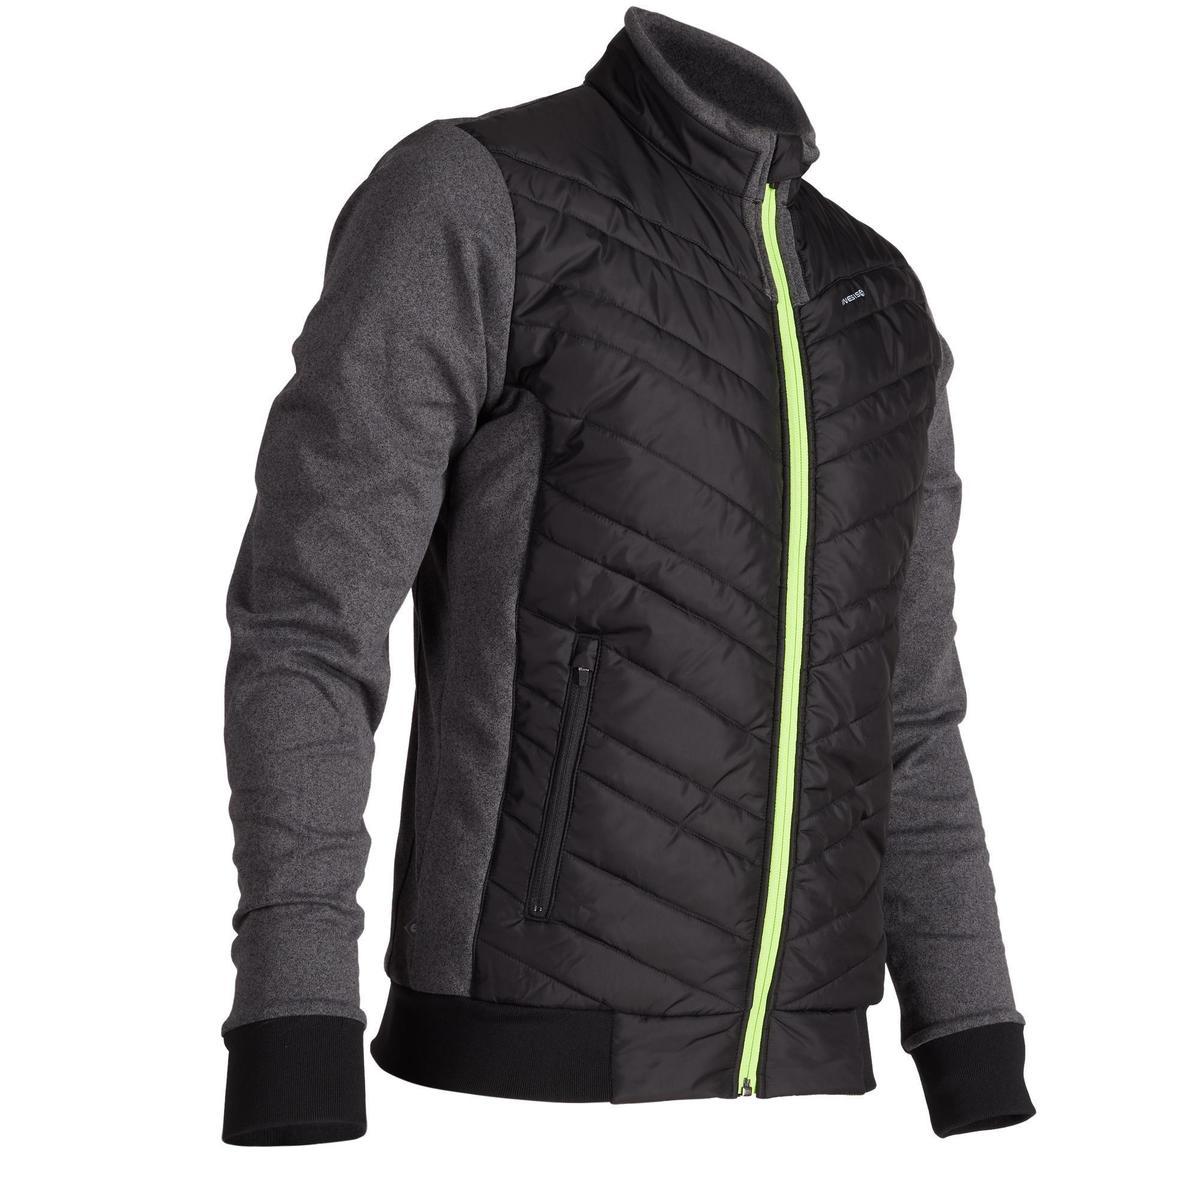 Bild 1 von Golf Wattierte Jacke kühle Witterungen Herren schwarz